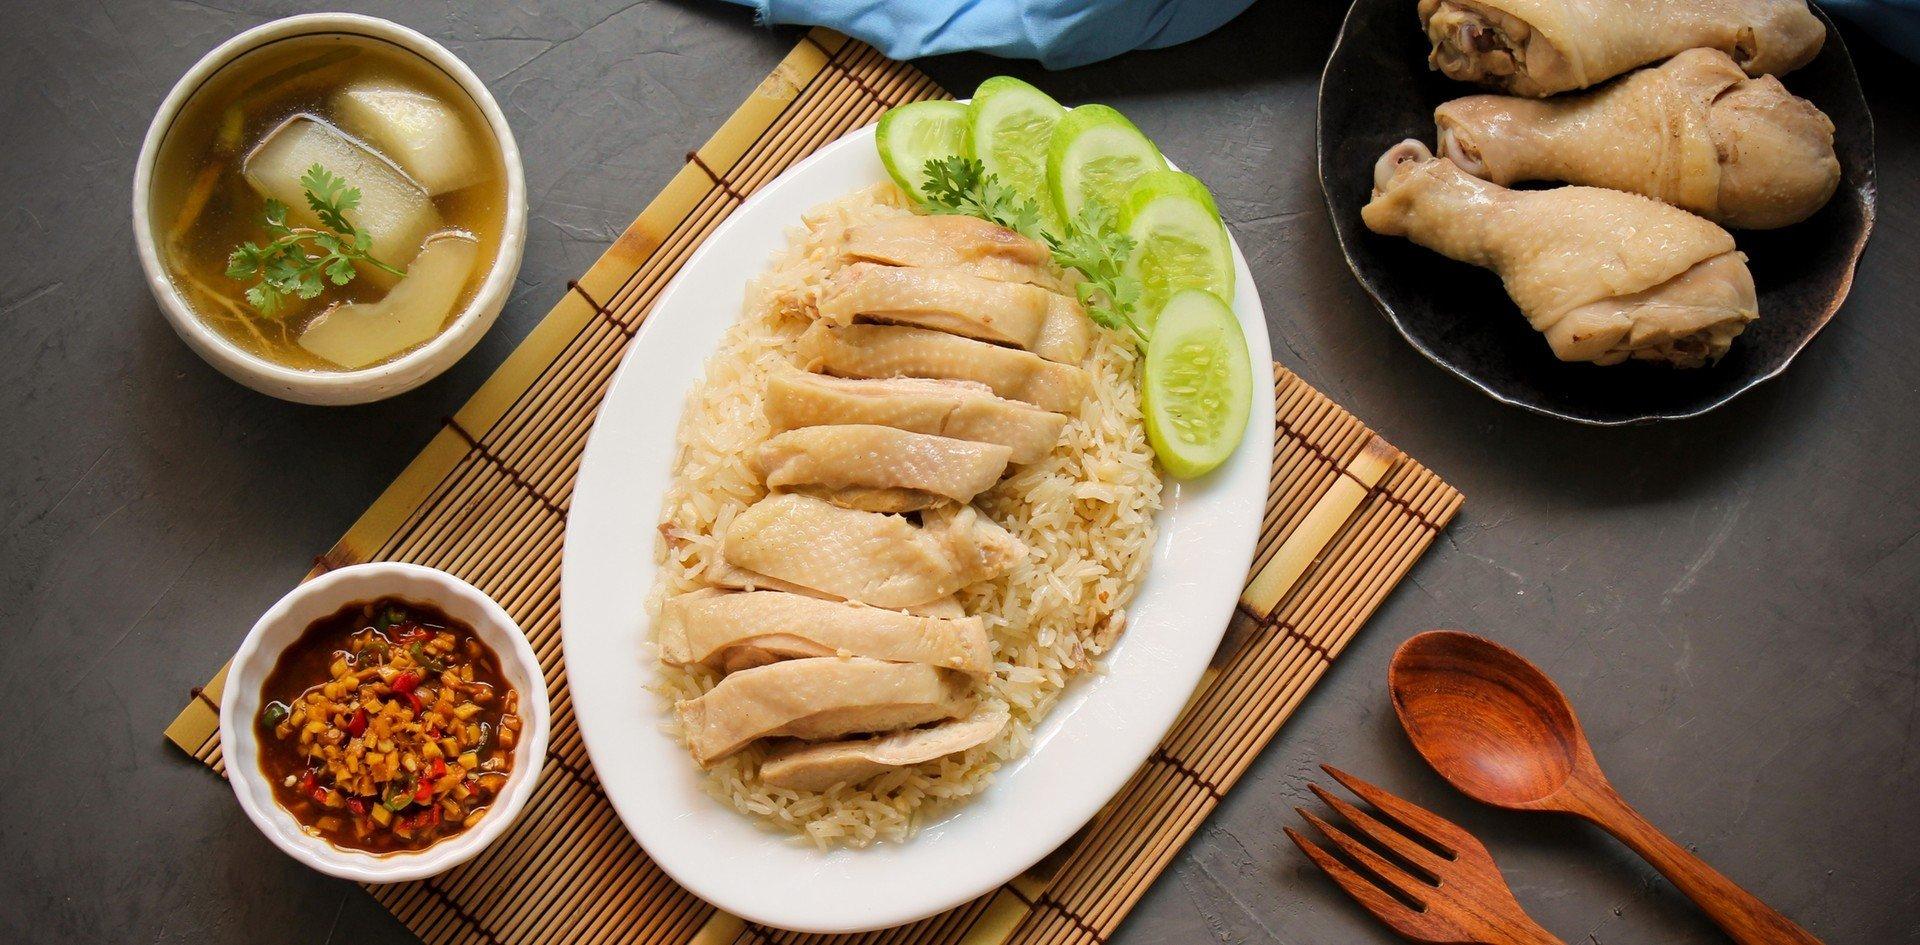 """วิธีทำ """"ข้าวมันไก่"""" พร้อมสูตรน้ำจิ้มรสเด็ด เปิดร้านขายกำไรงาม! - Wongnai"""